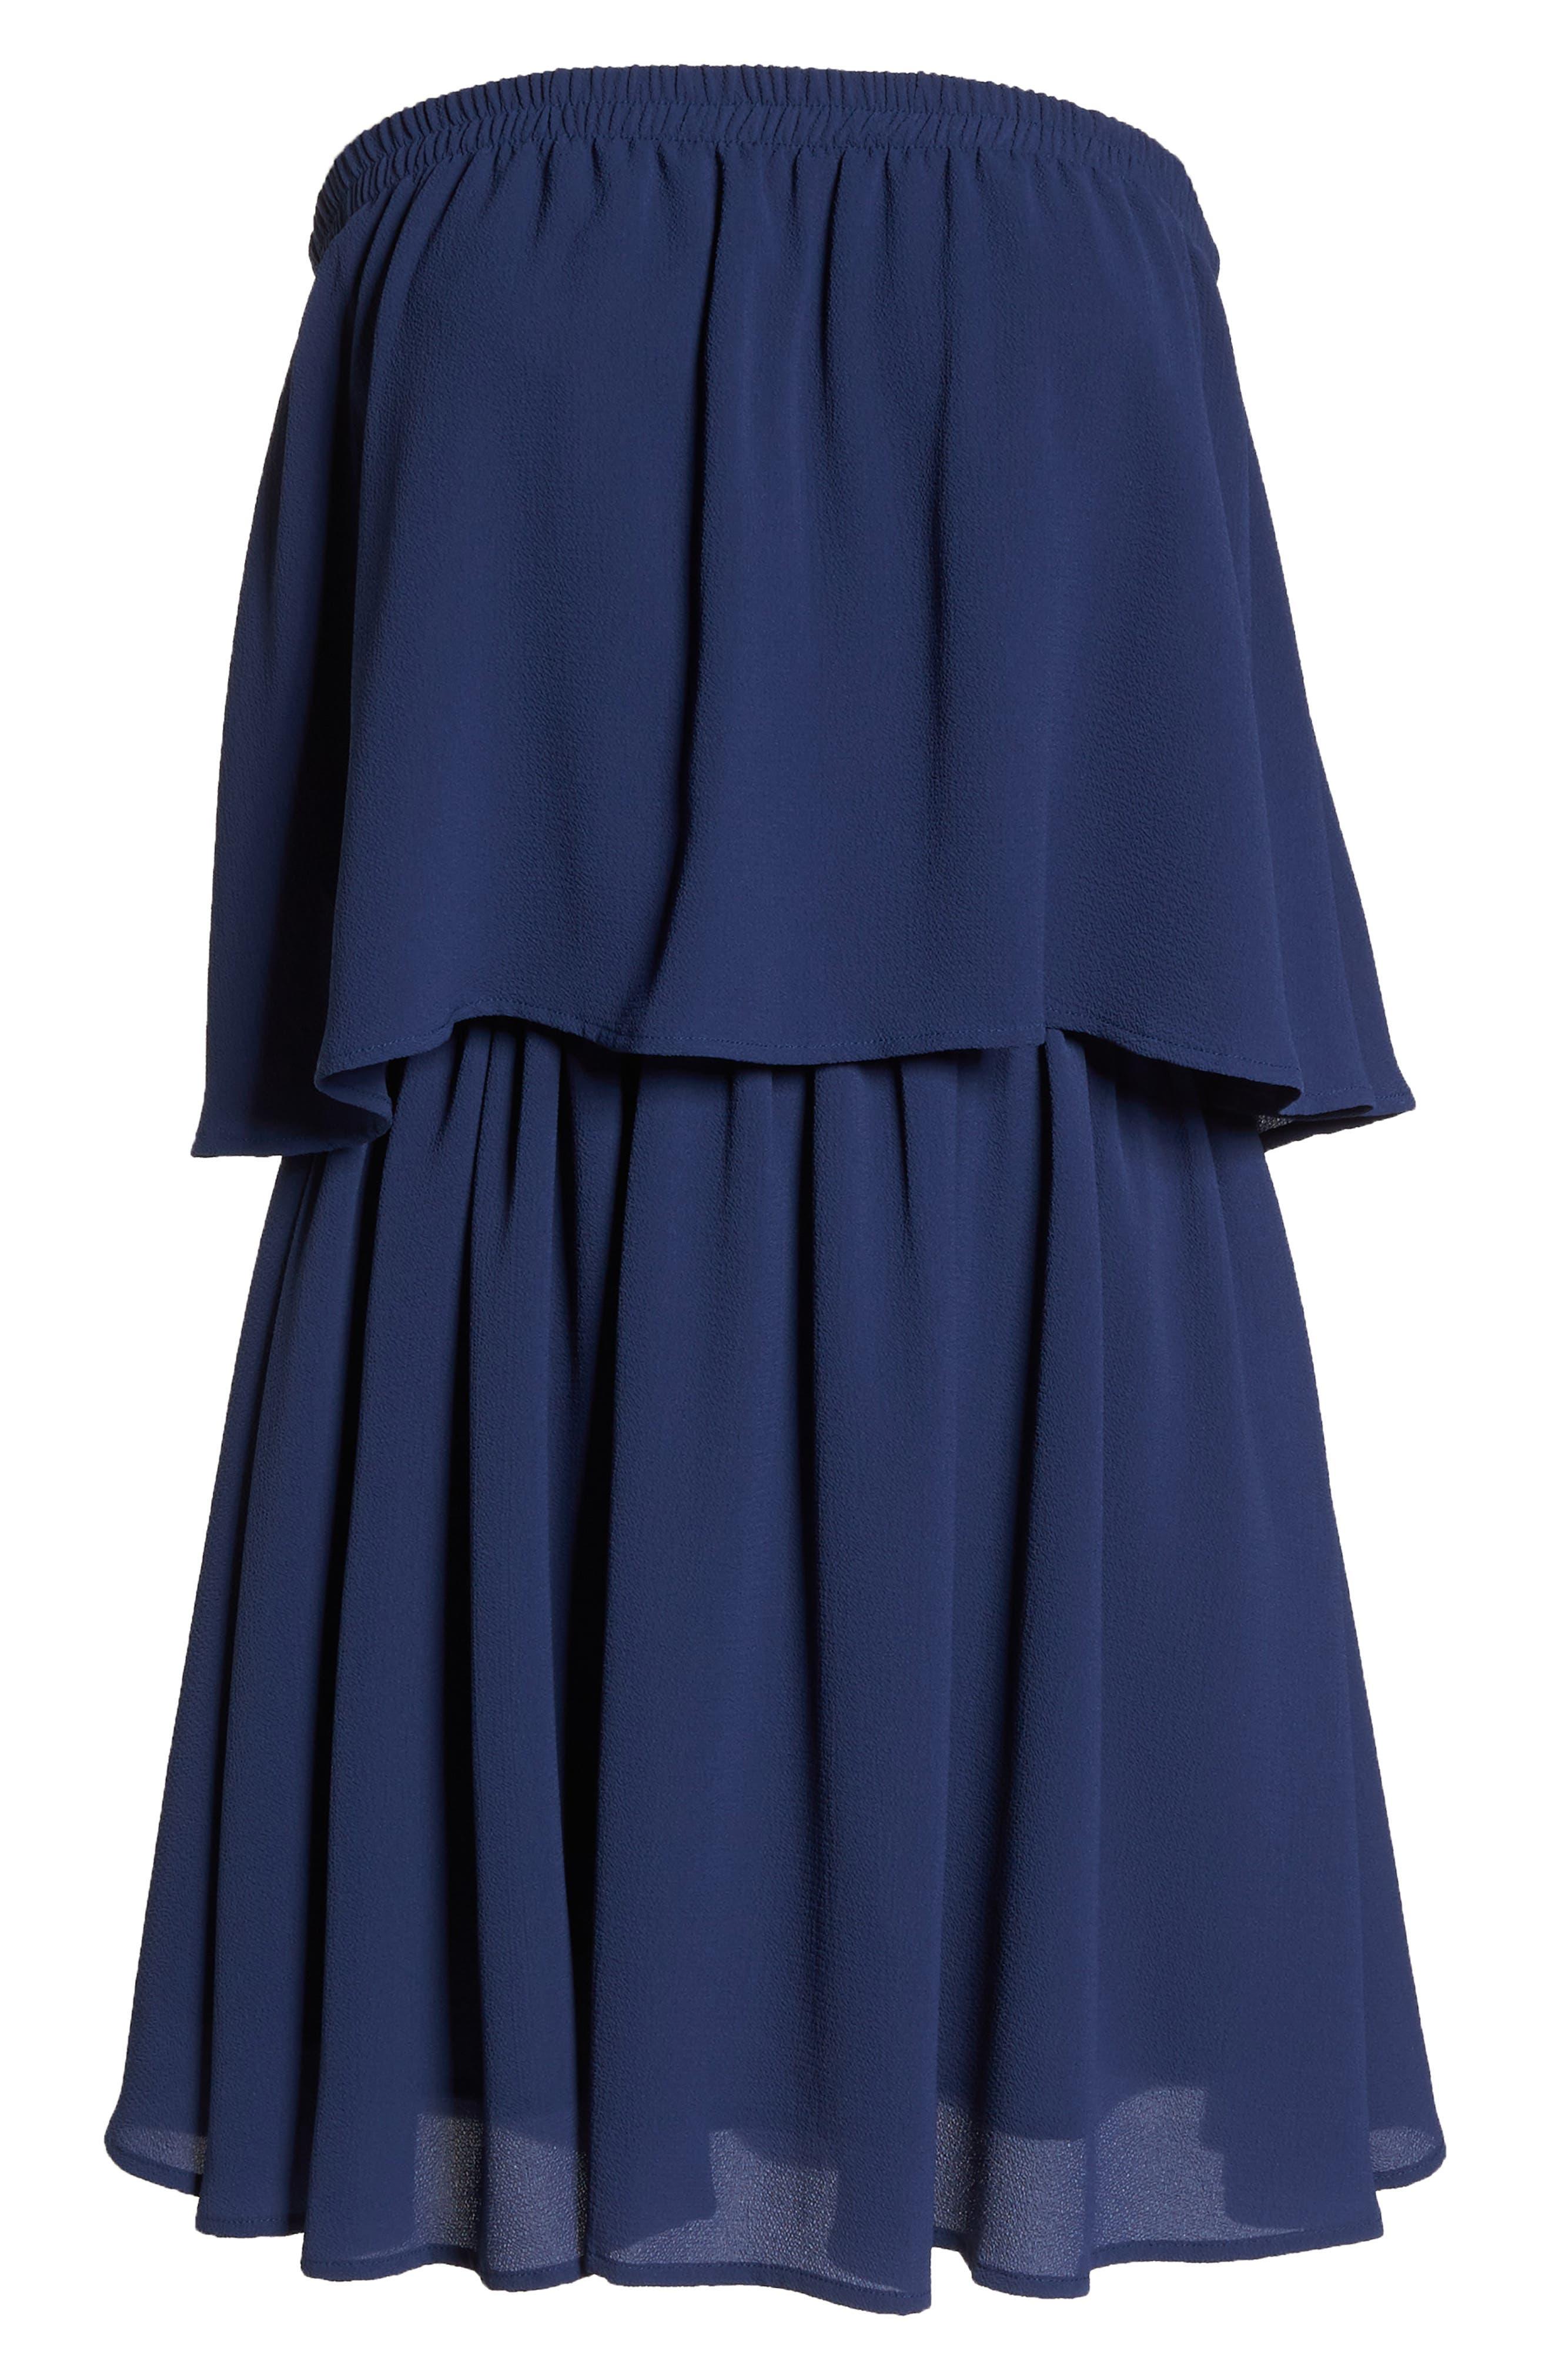 Strapless Popover Shift Dress,                             Alternate thumbnail 7, color,                             413